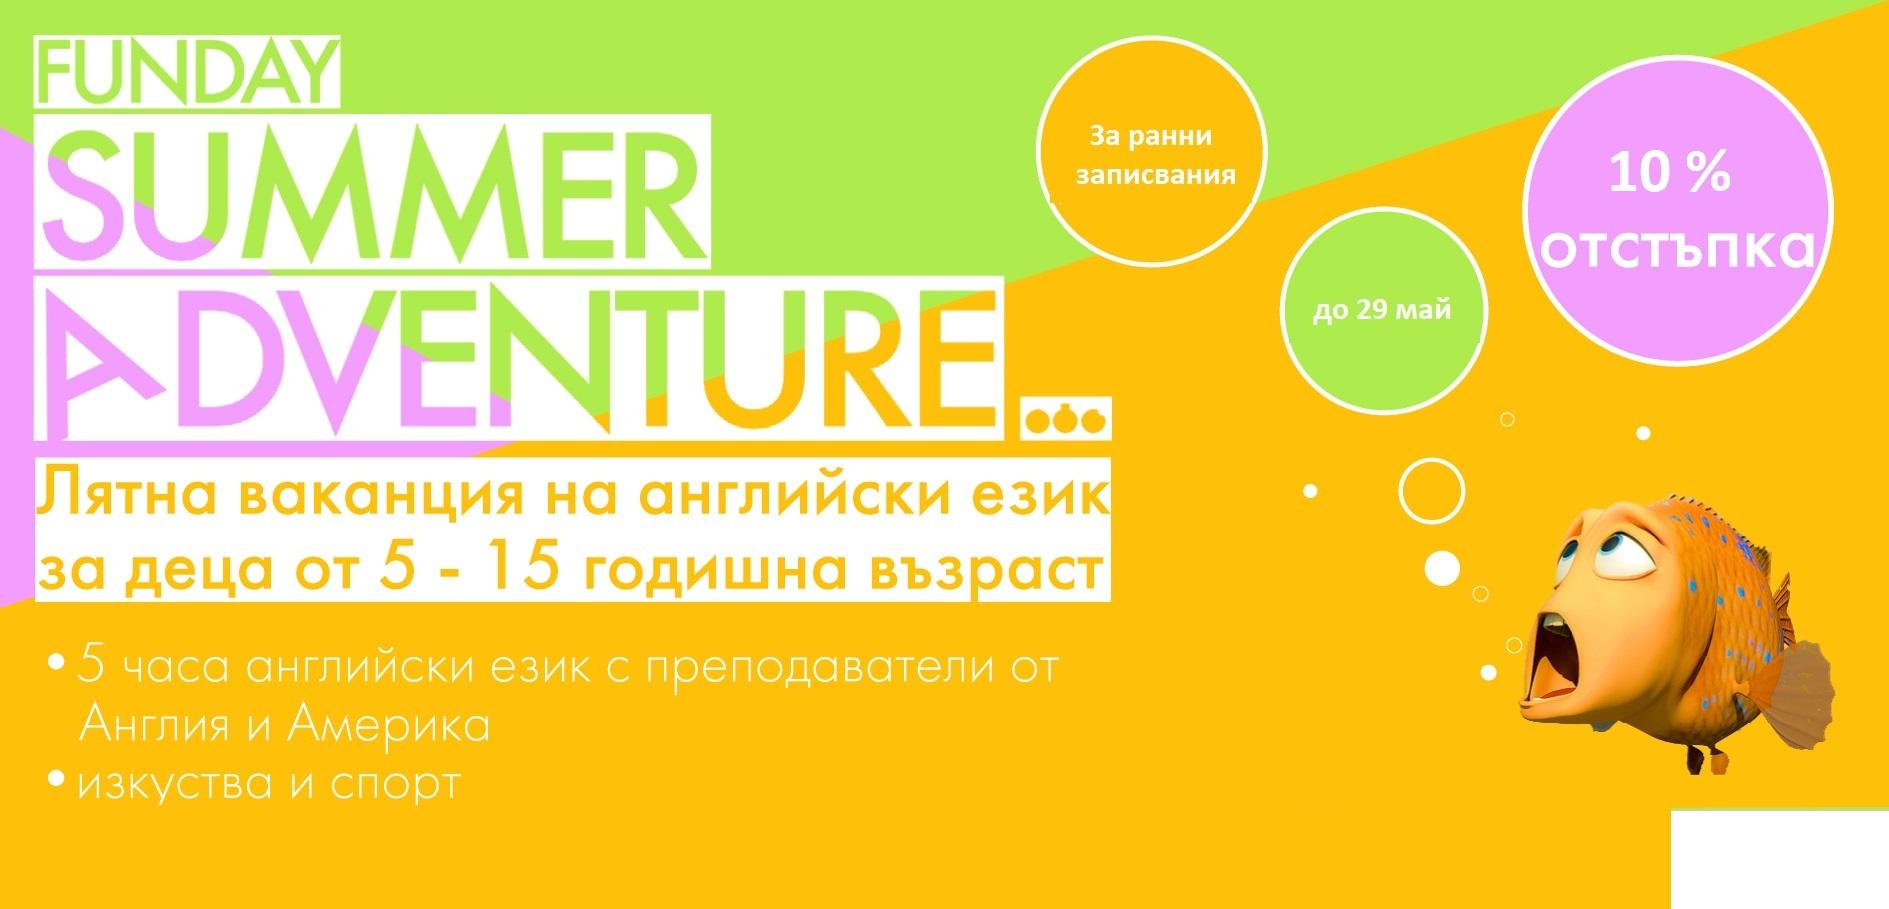 SUMMER ADVENTURE–вълнуващи приключения на английски език